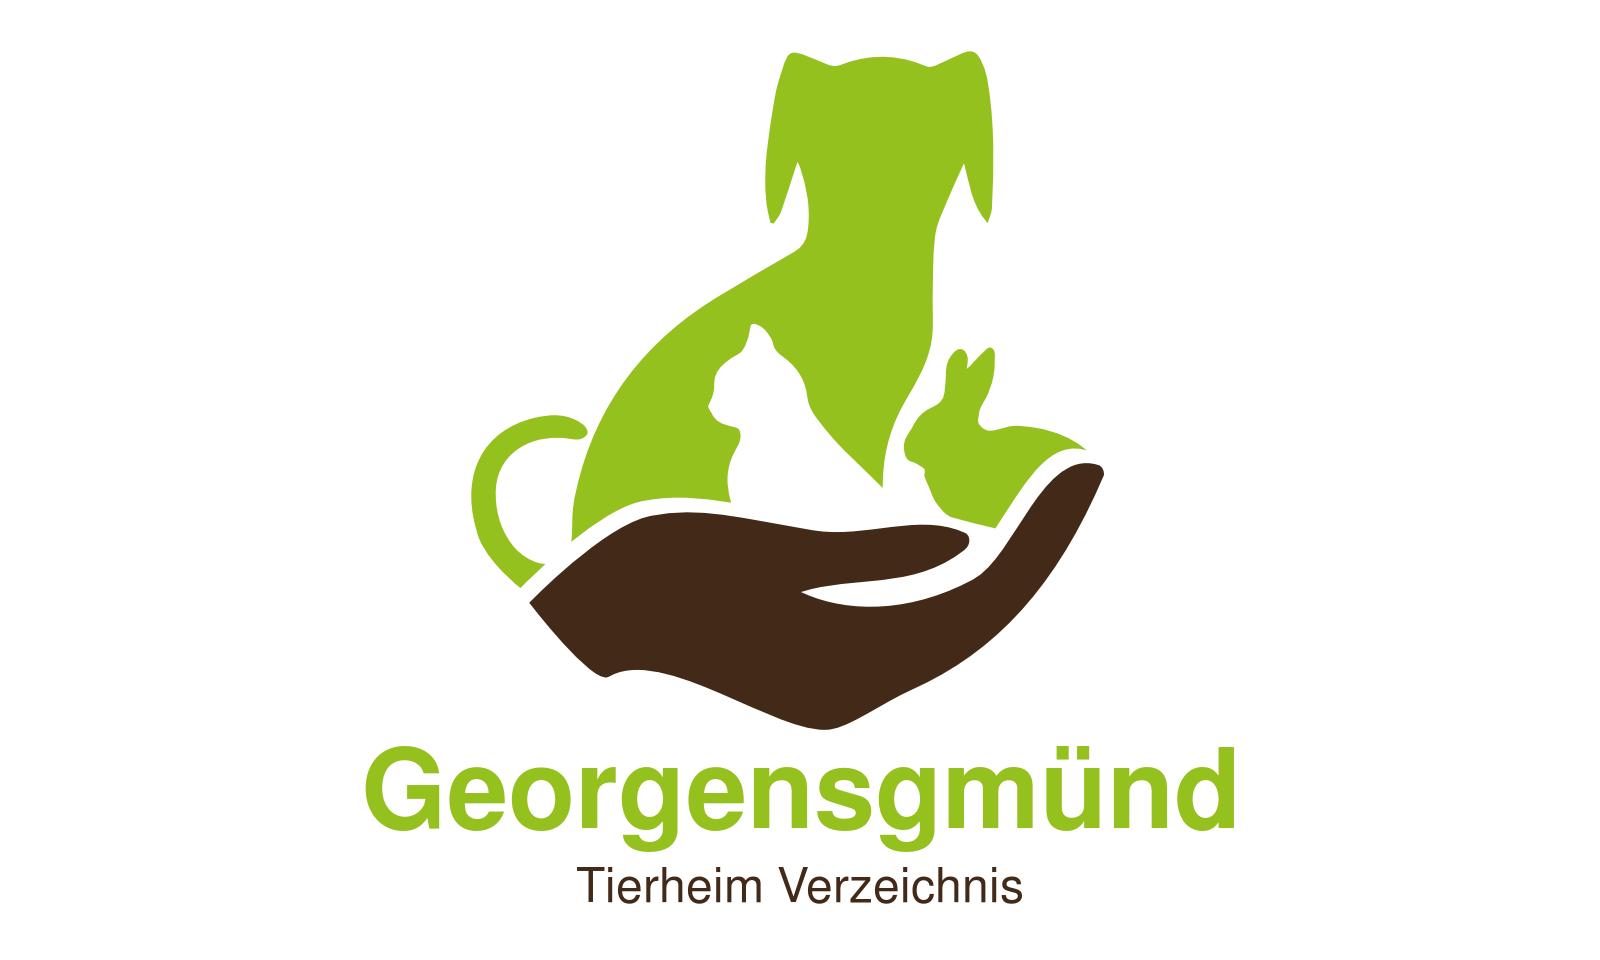 Tierheim Georgensgmünd